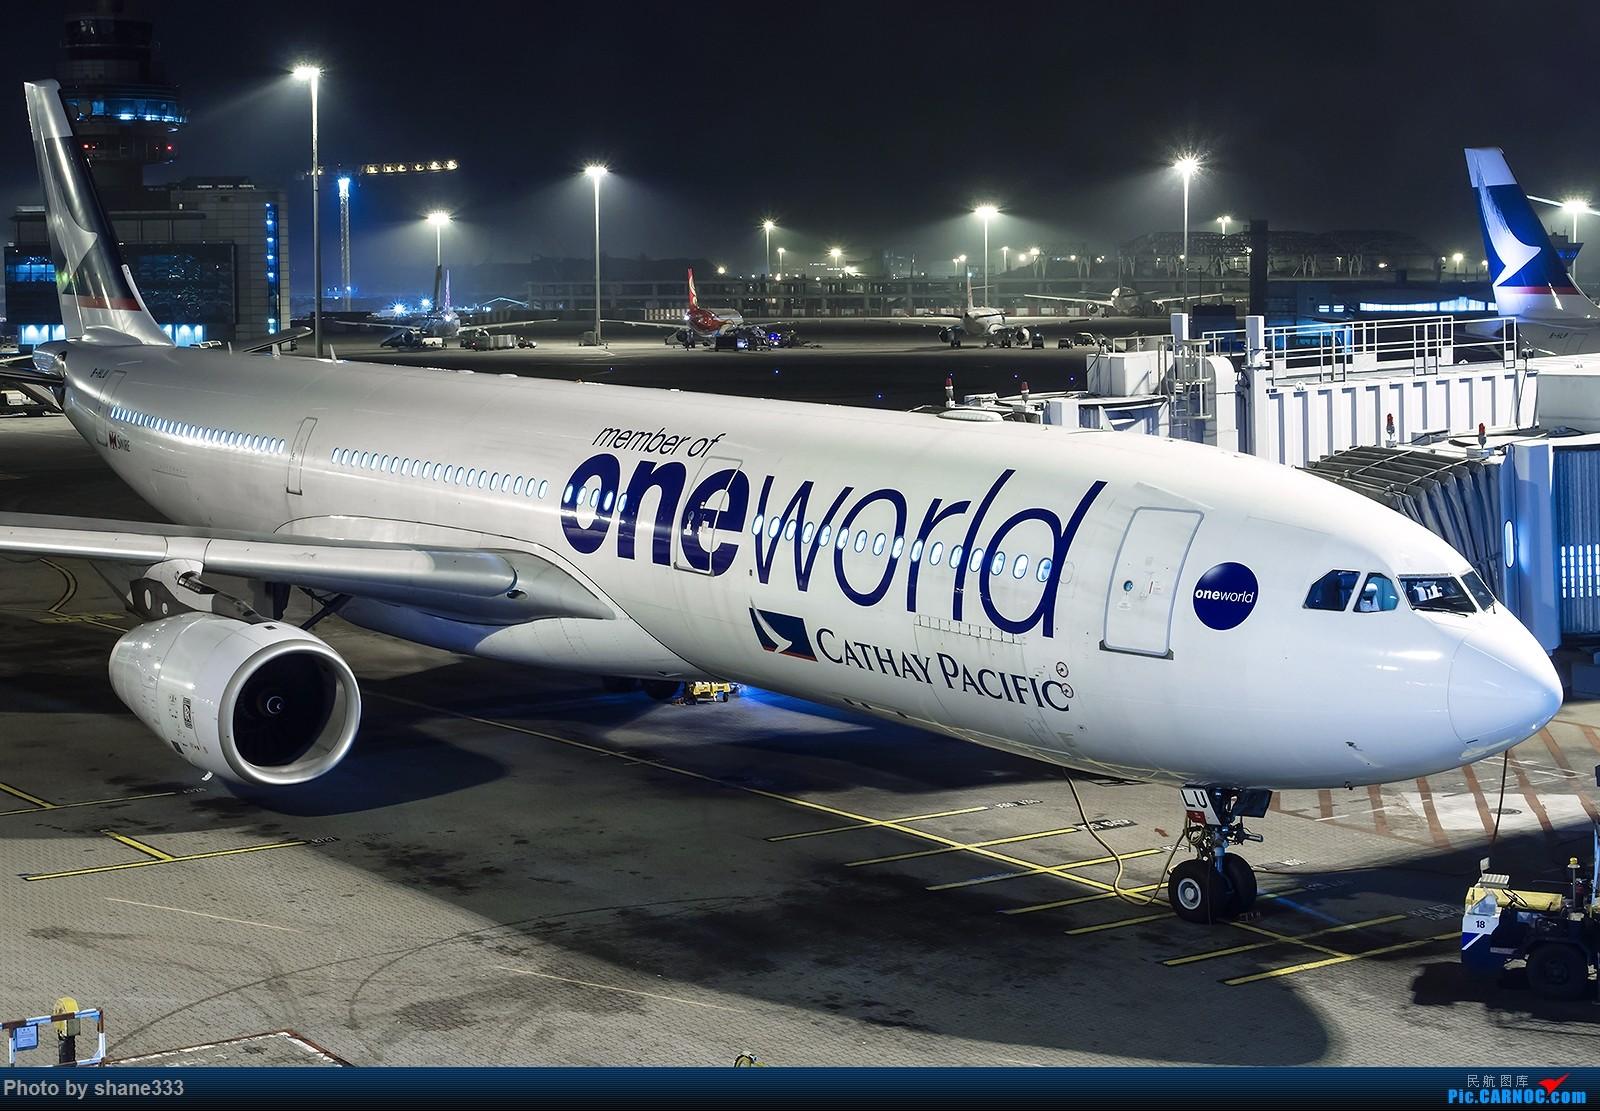 Re:[原创]夜太美 AIRBUS A330-300 B-HLU 中国香港赤鱲角国际机场